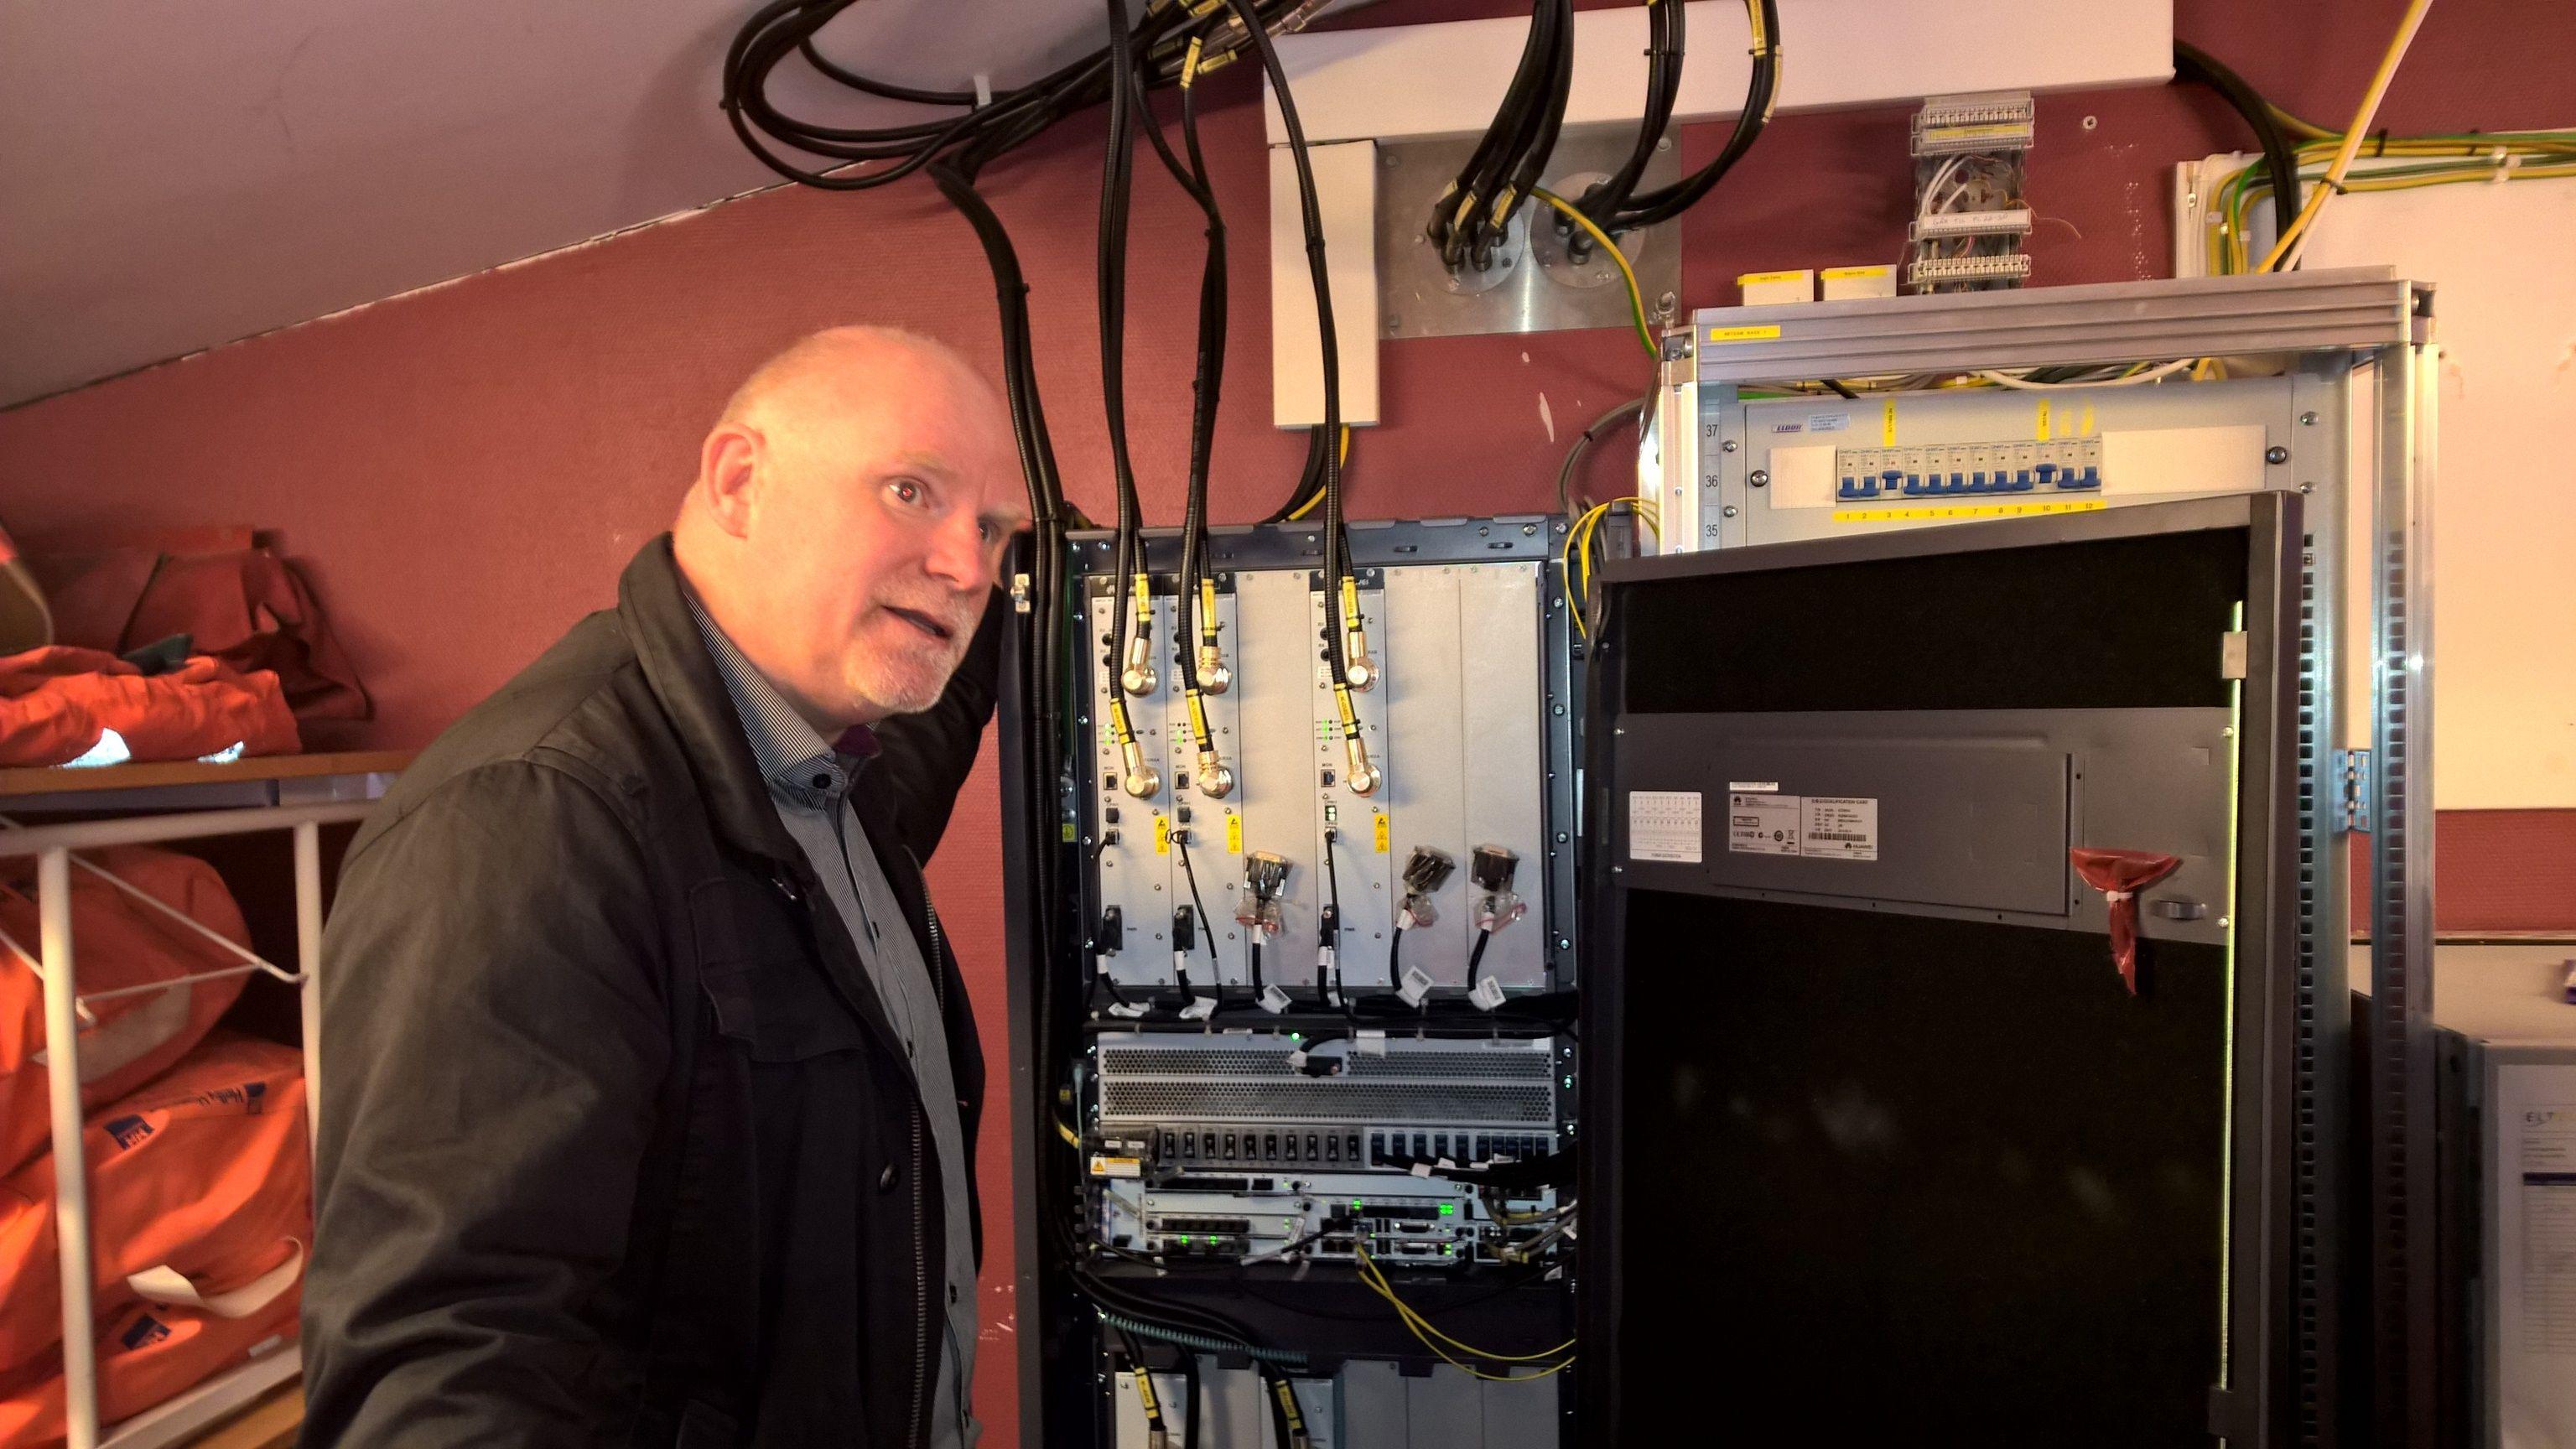 Slik ser senderutstyret til en basestasjon ut. Dekningssjef Tommy Johansen i TeliaSonera viser frem noe av det nyeste utstyret som er installert i forbindelse med 4G-utbyggingen som pågår nå. Foto: Ida Oftebro/Inside Telecom